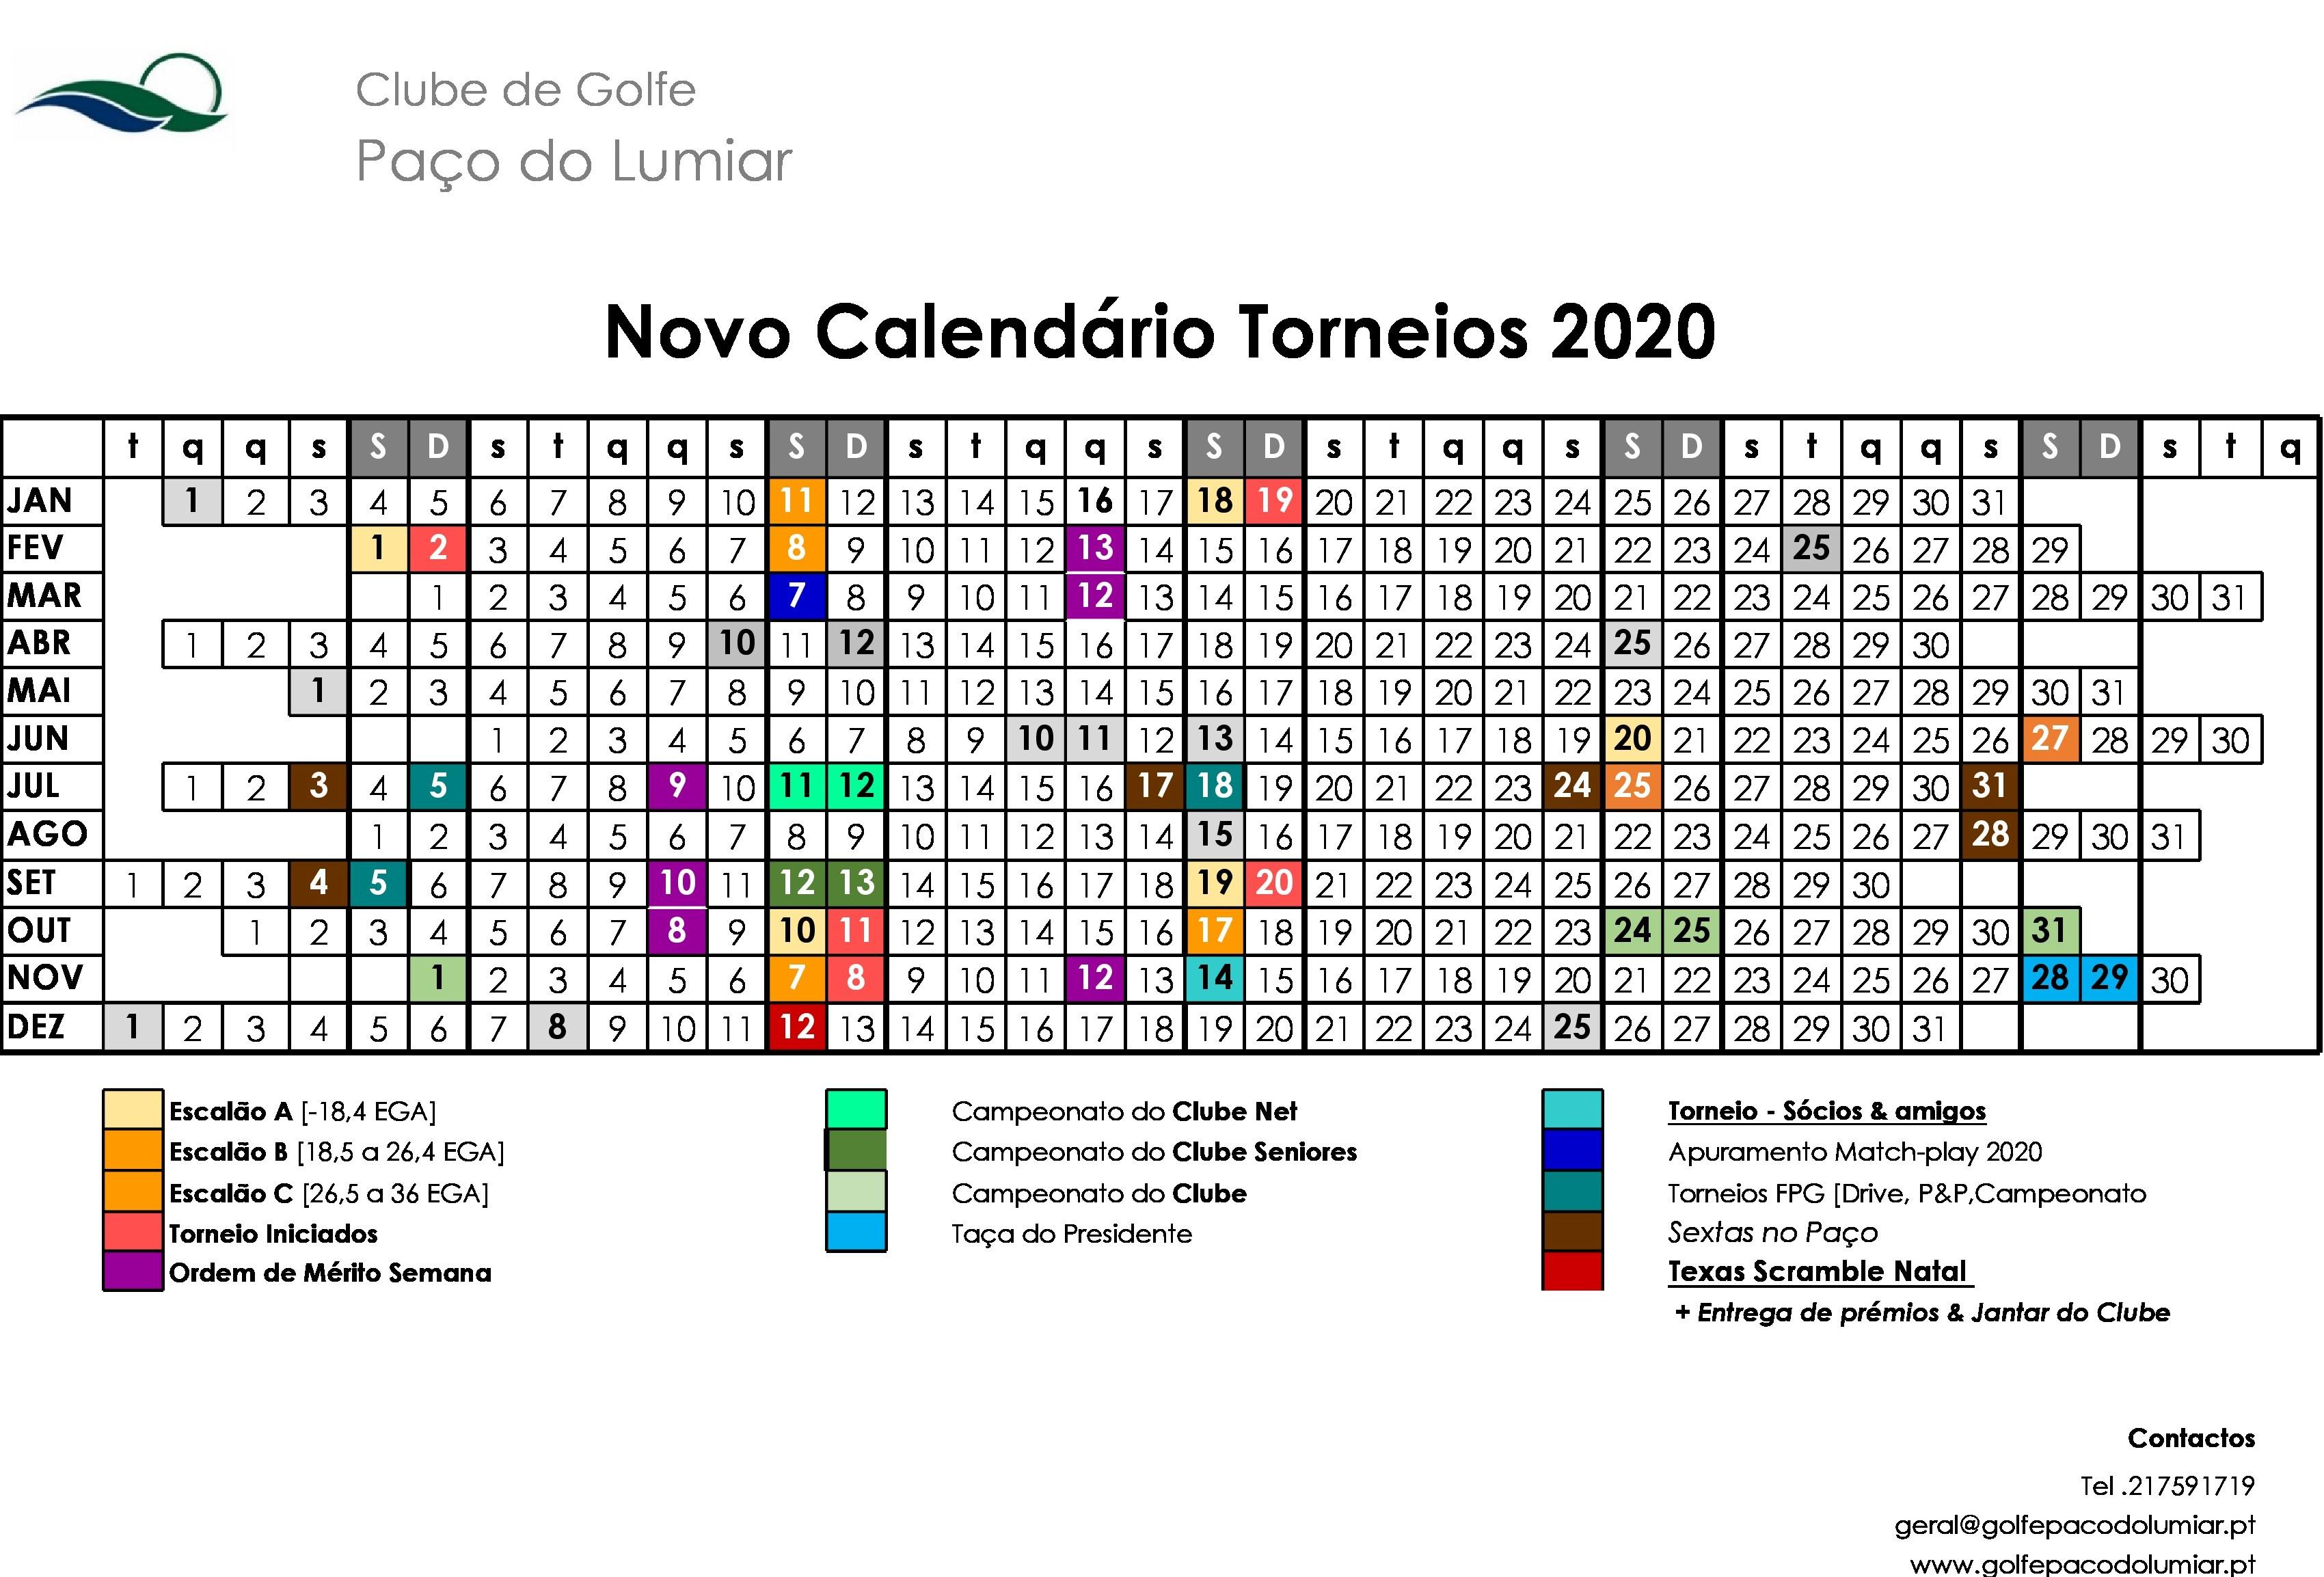 Novo_calendário_torneios_2020